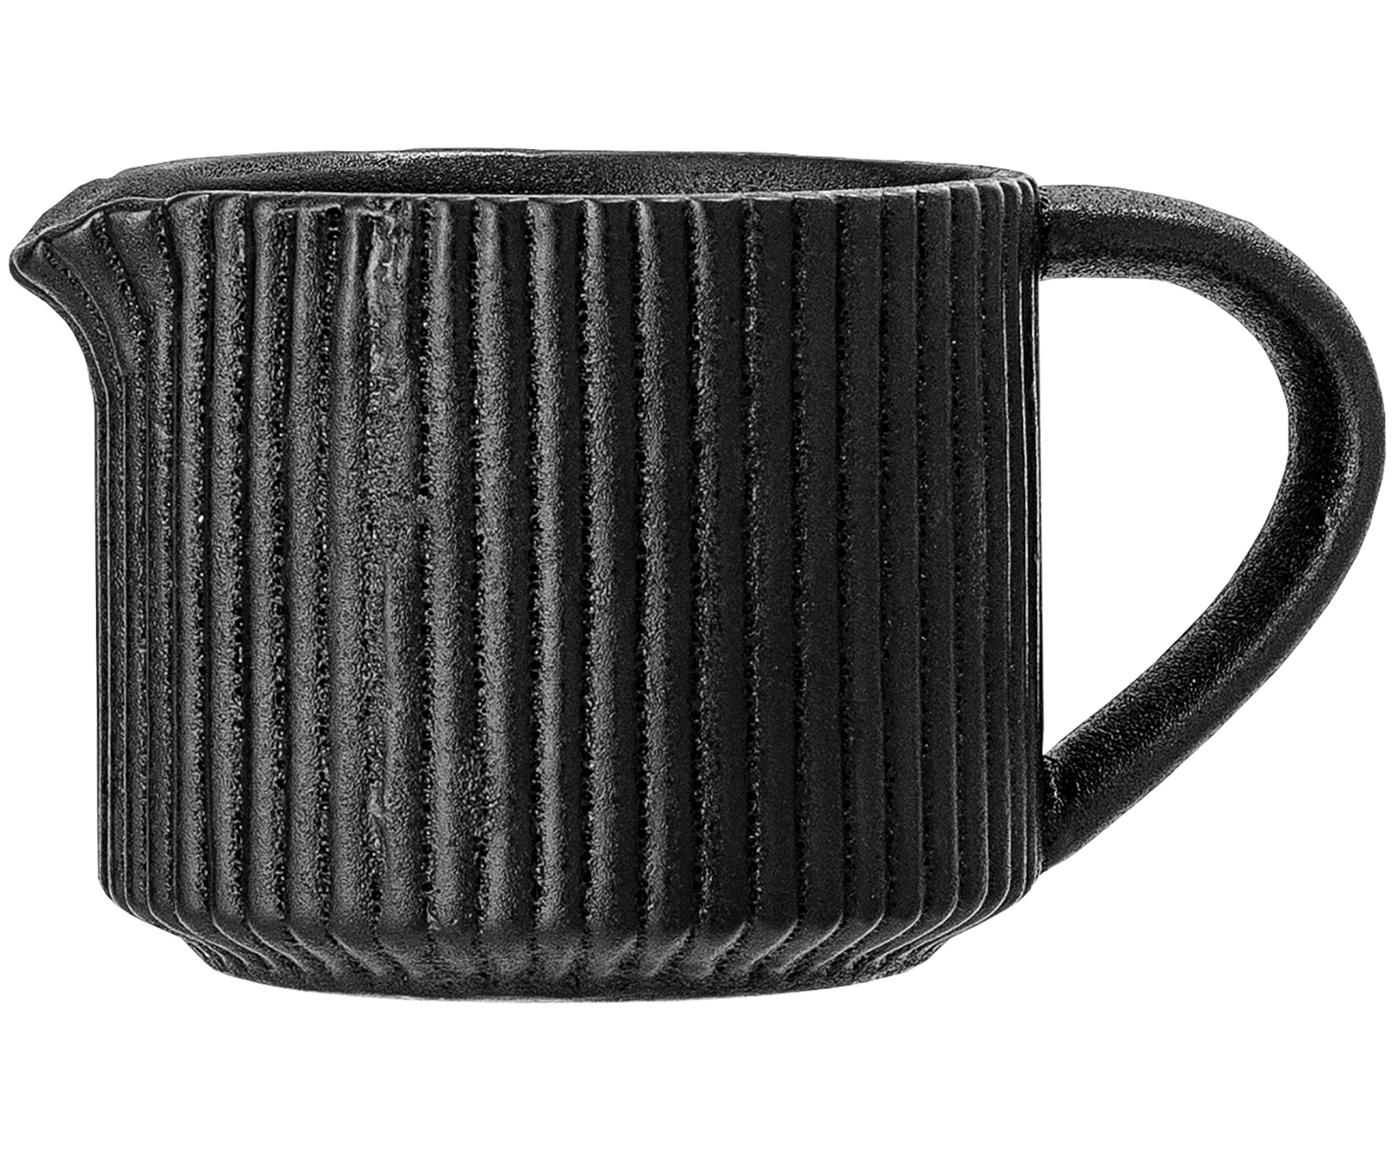 Milchkännchen Neri mit Rillenstruktur in Schwarz matt, Steingut Mit Rillenstruktur und leicht rauer Oberfläche, Schwarz, Ø 8 x H 7 cm